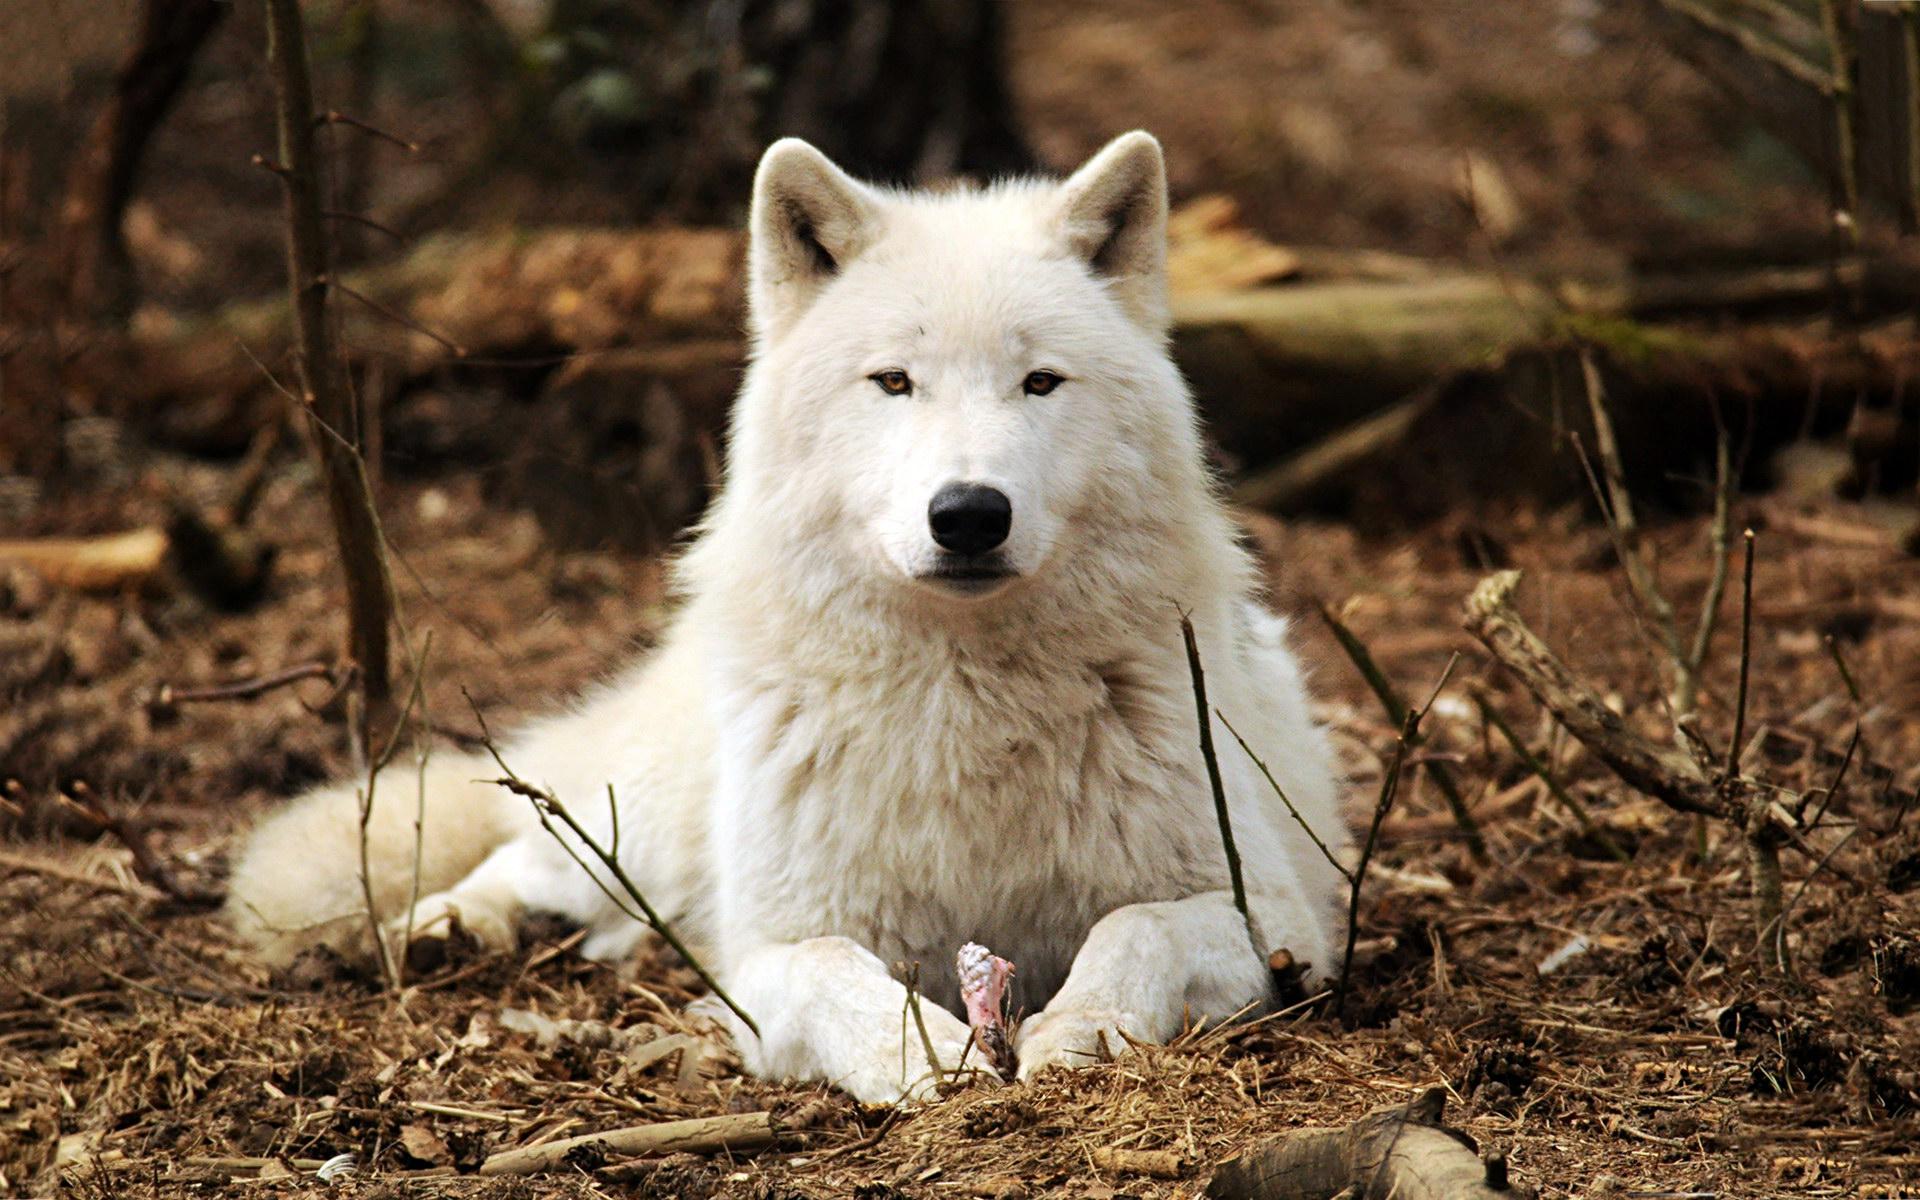 таксист, красивые фото белых волков уинфри вела ток-шоу